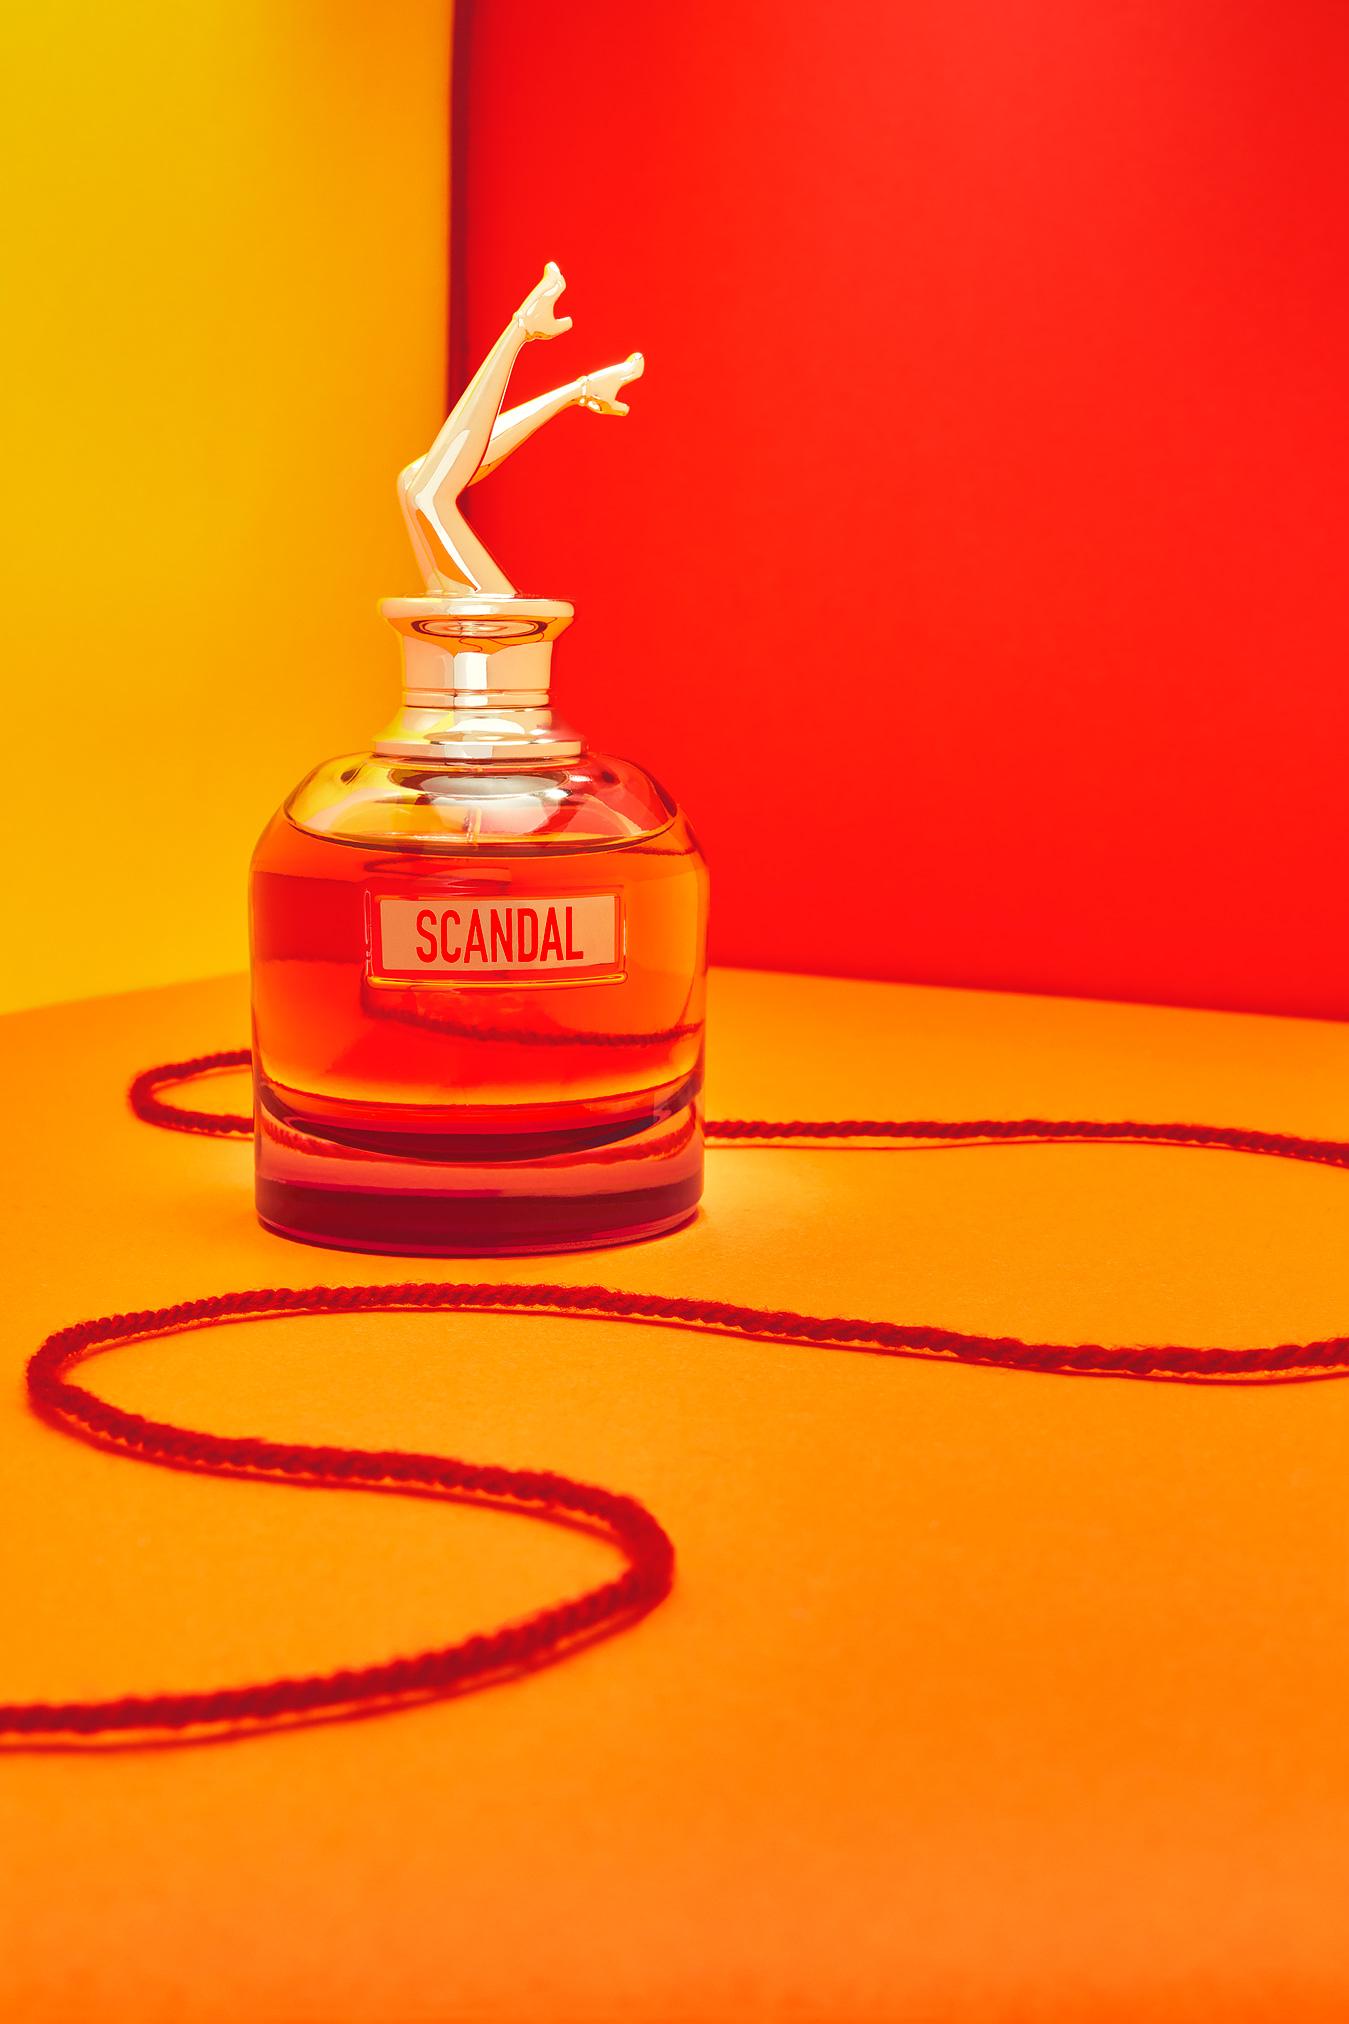 Scandal by night - Jean Paul Gaultier